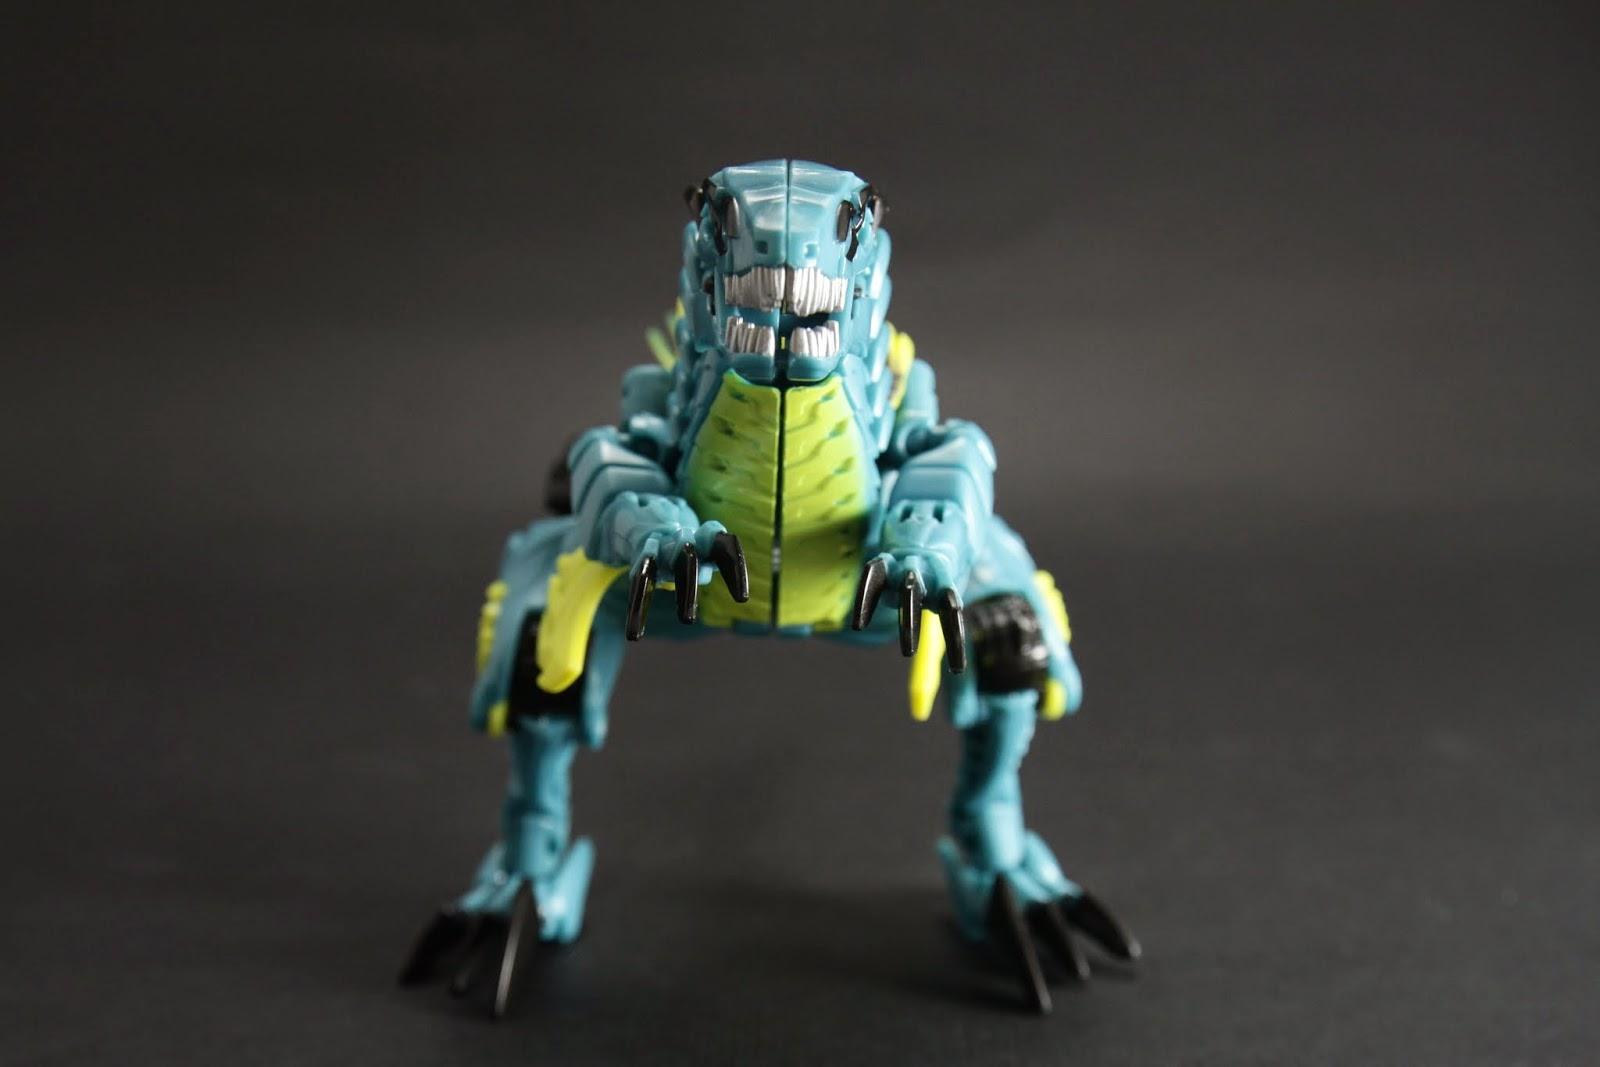 正面大大的一條 事實上恐龍型態你根本看不出來他老兄是迅猛龍阿~